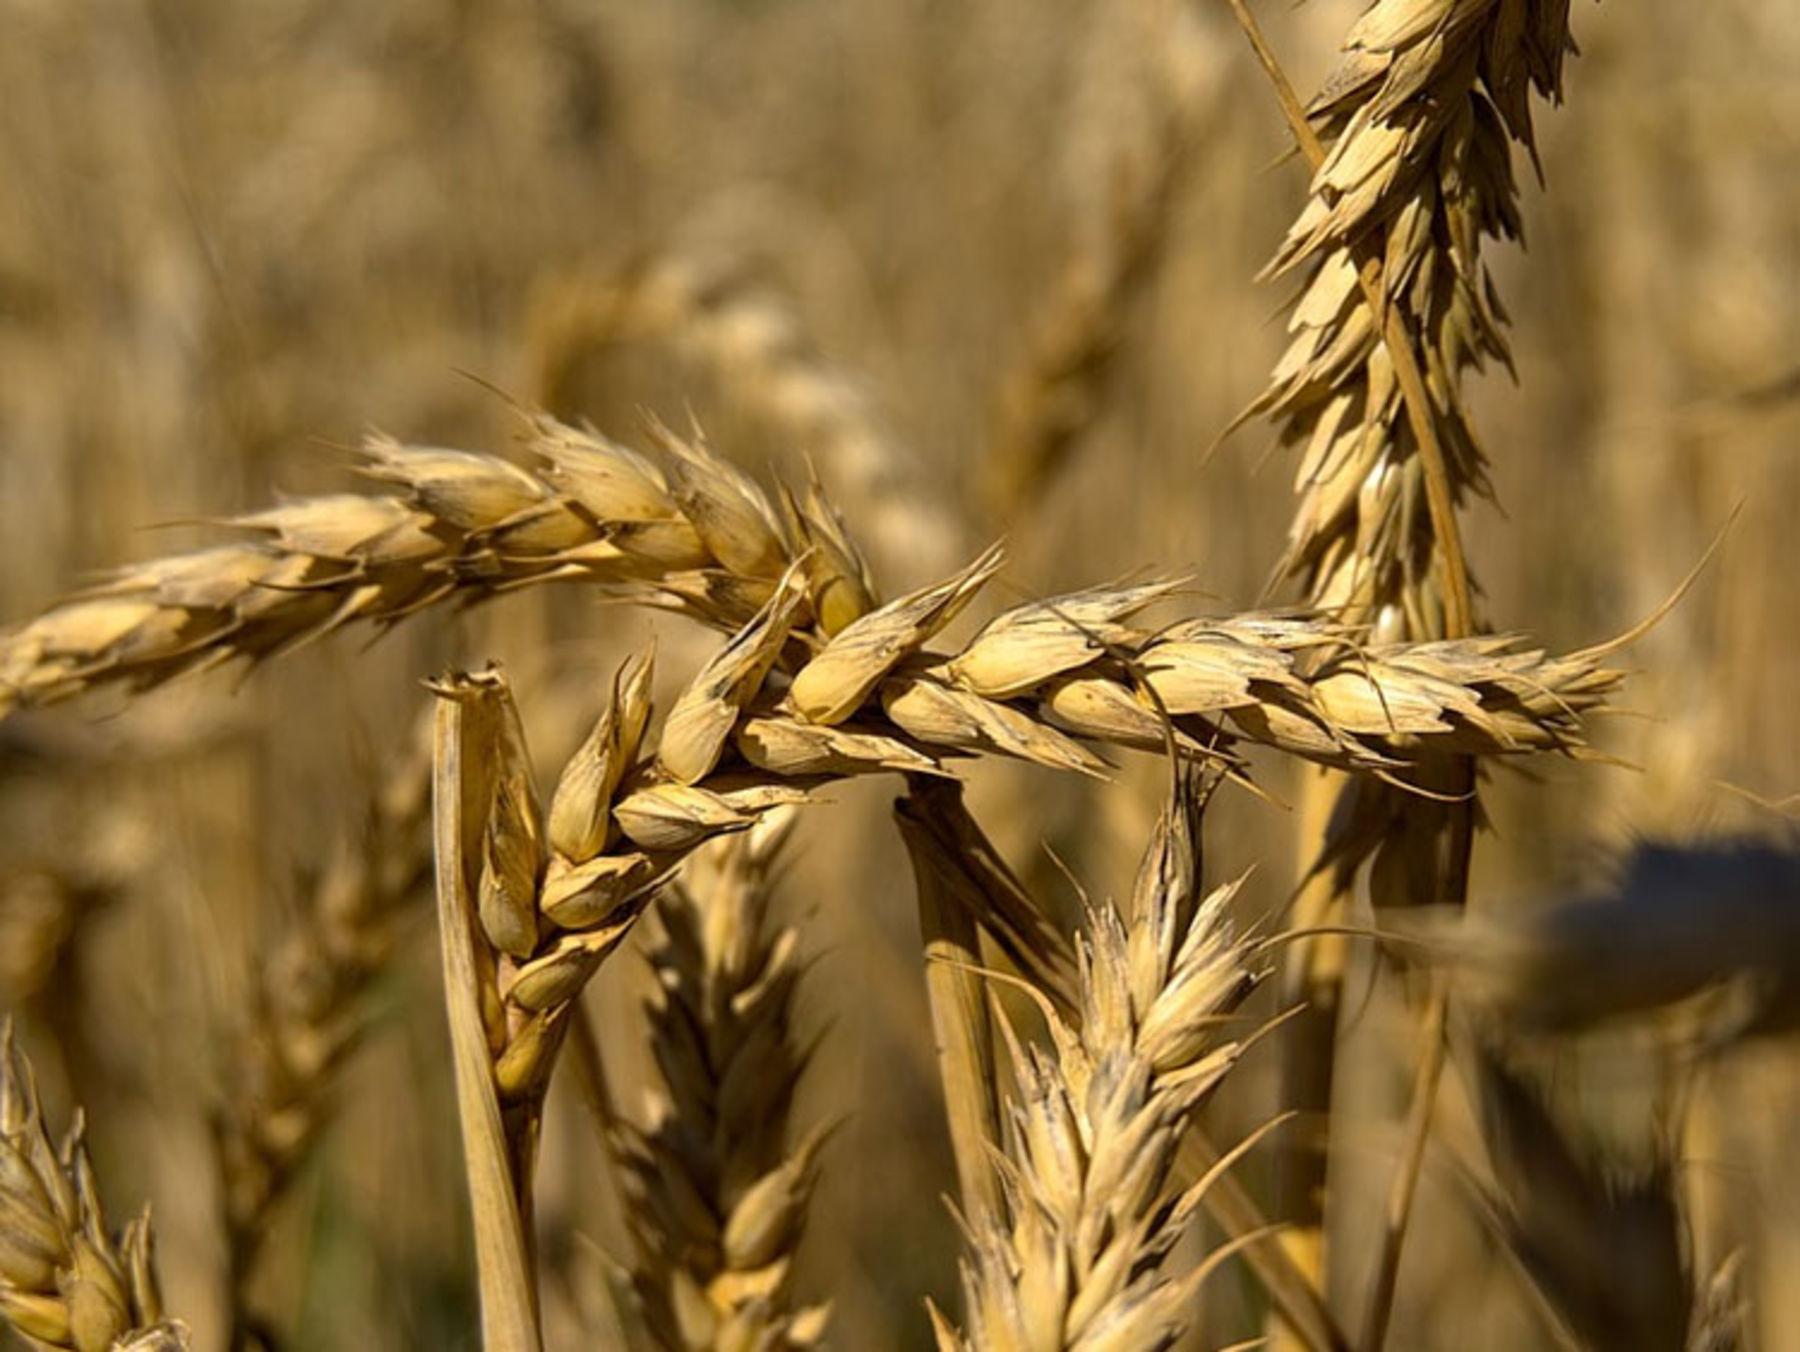 Fotoserie So Erkennst Du Die Getreidesorten Auf Dem Feld Okoleo Umwelt Und Naturschutz Fur Kinder In Hessen